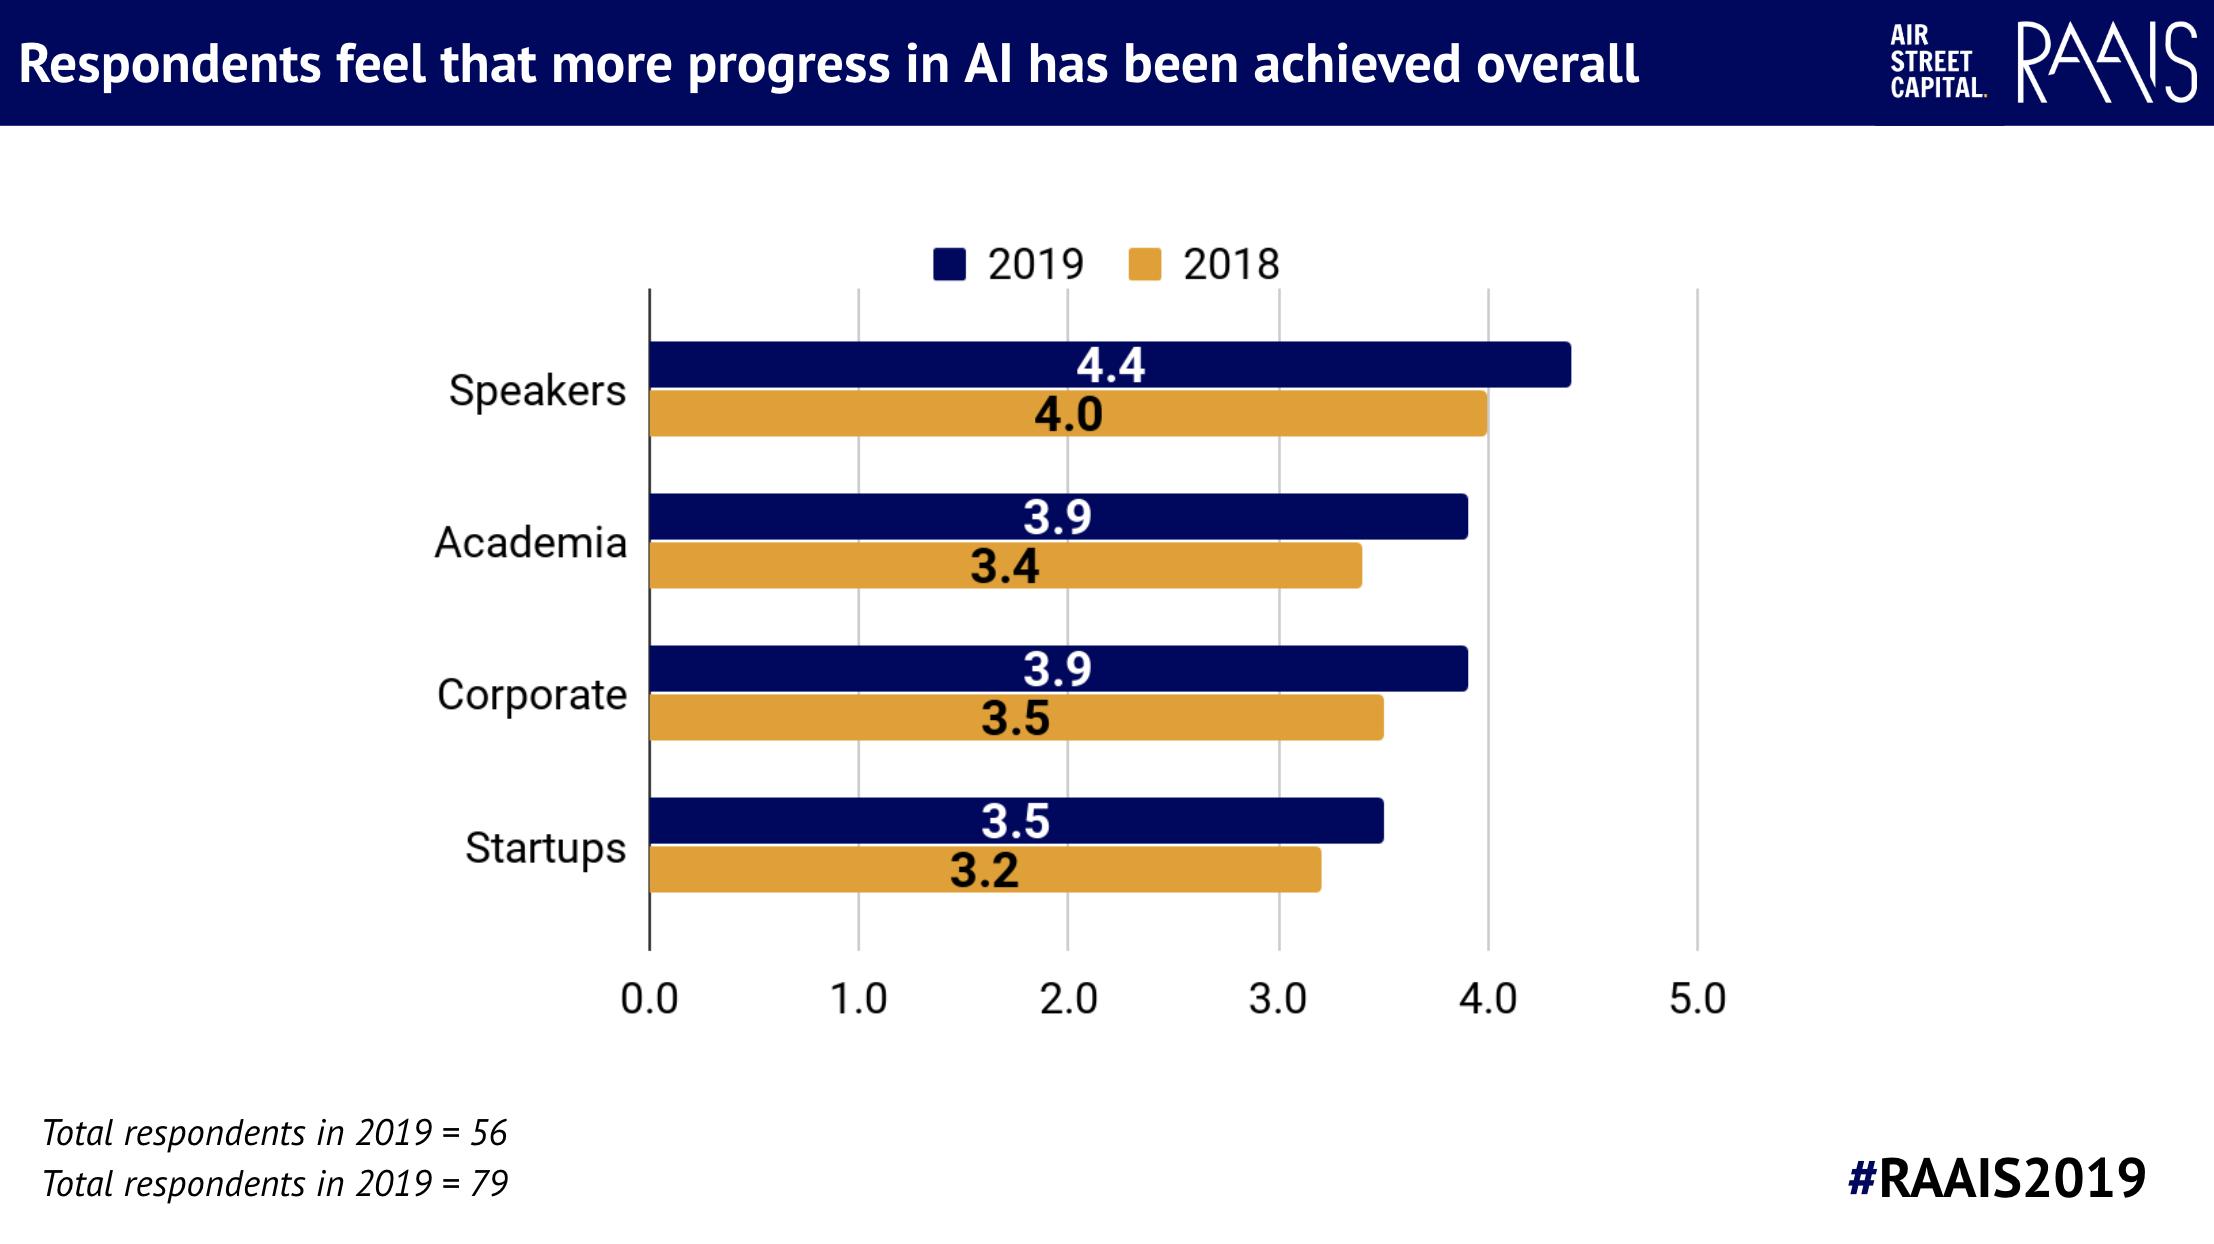 RAAIS 2019 - overall rating of AI progress